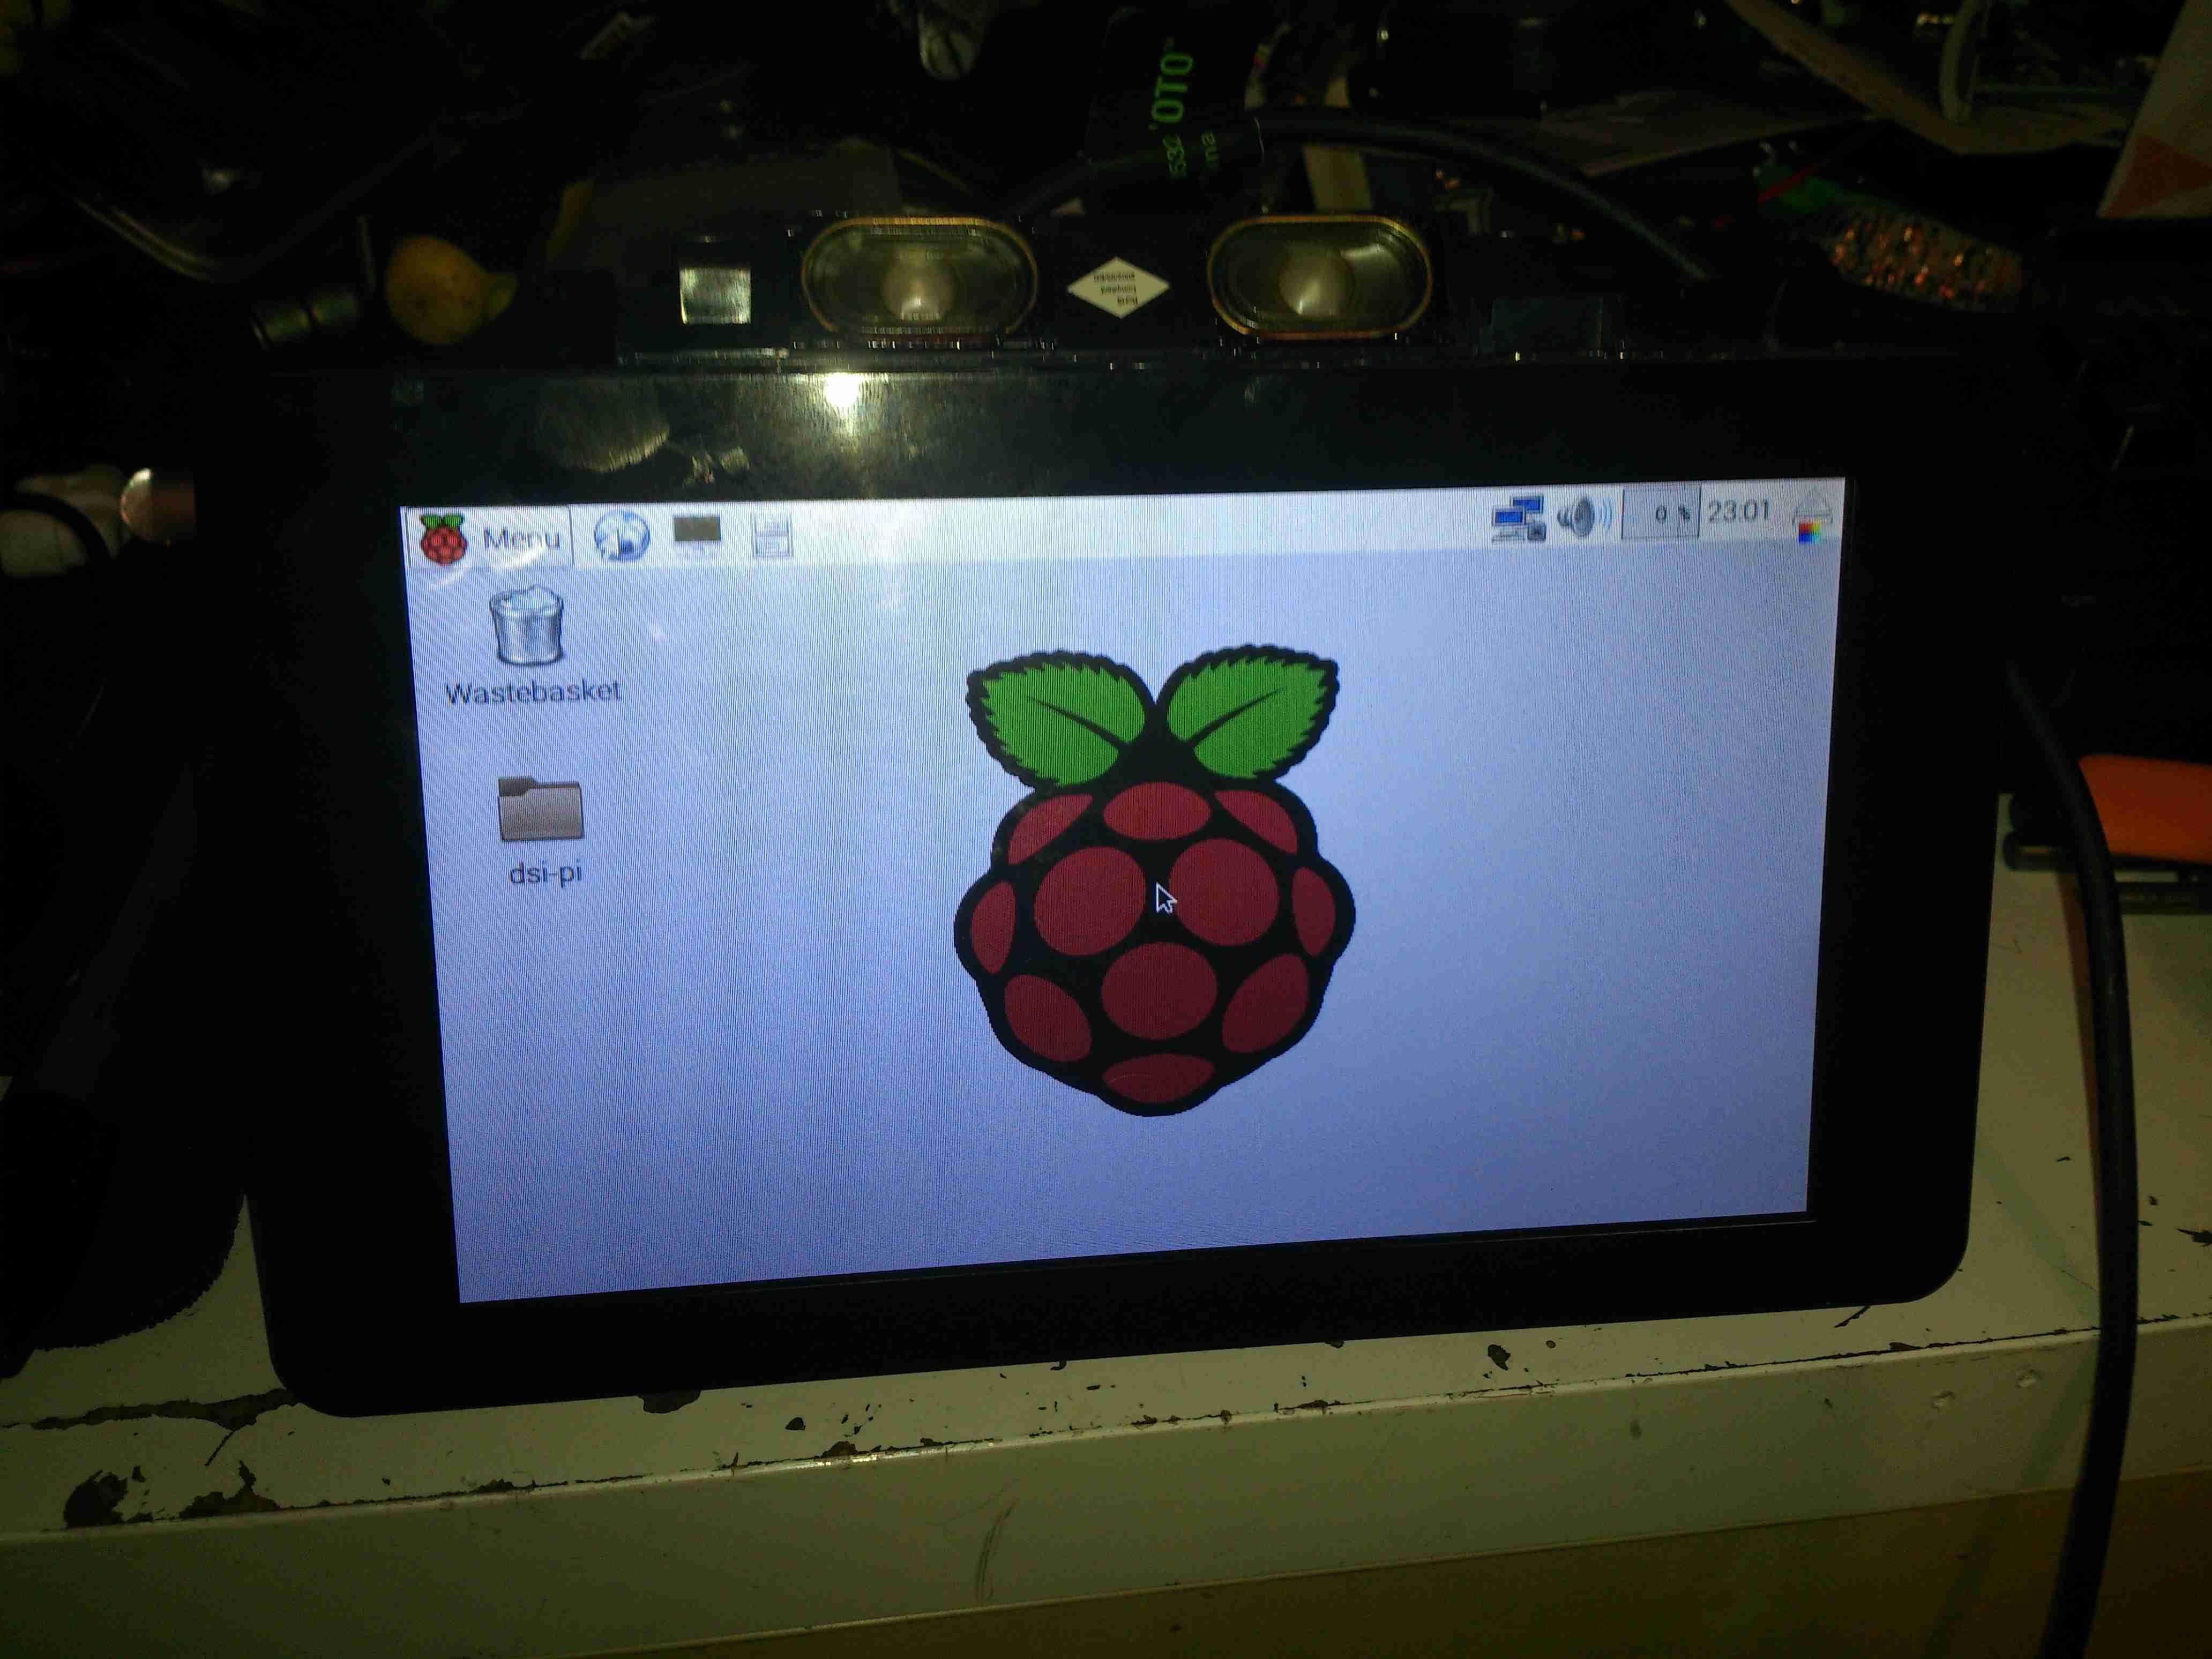 Official Raspberry Pi 7